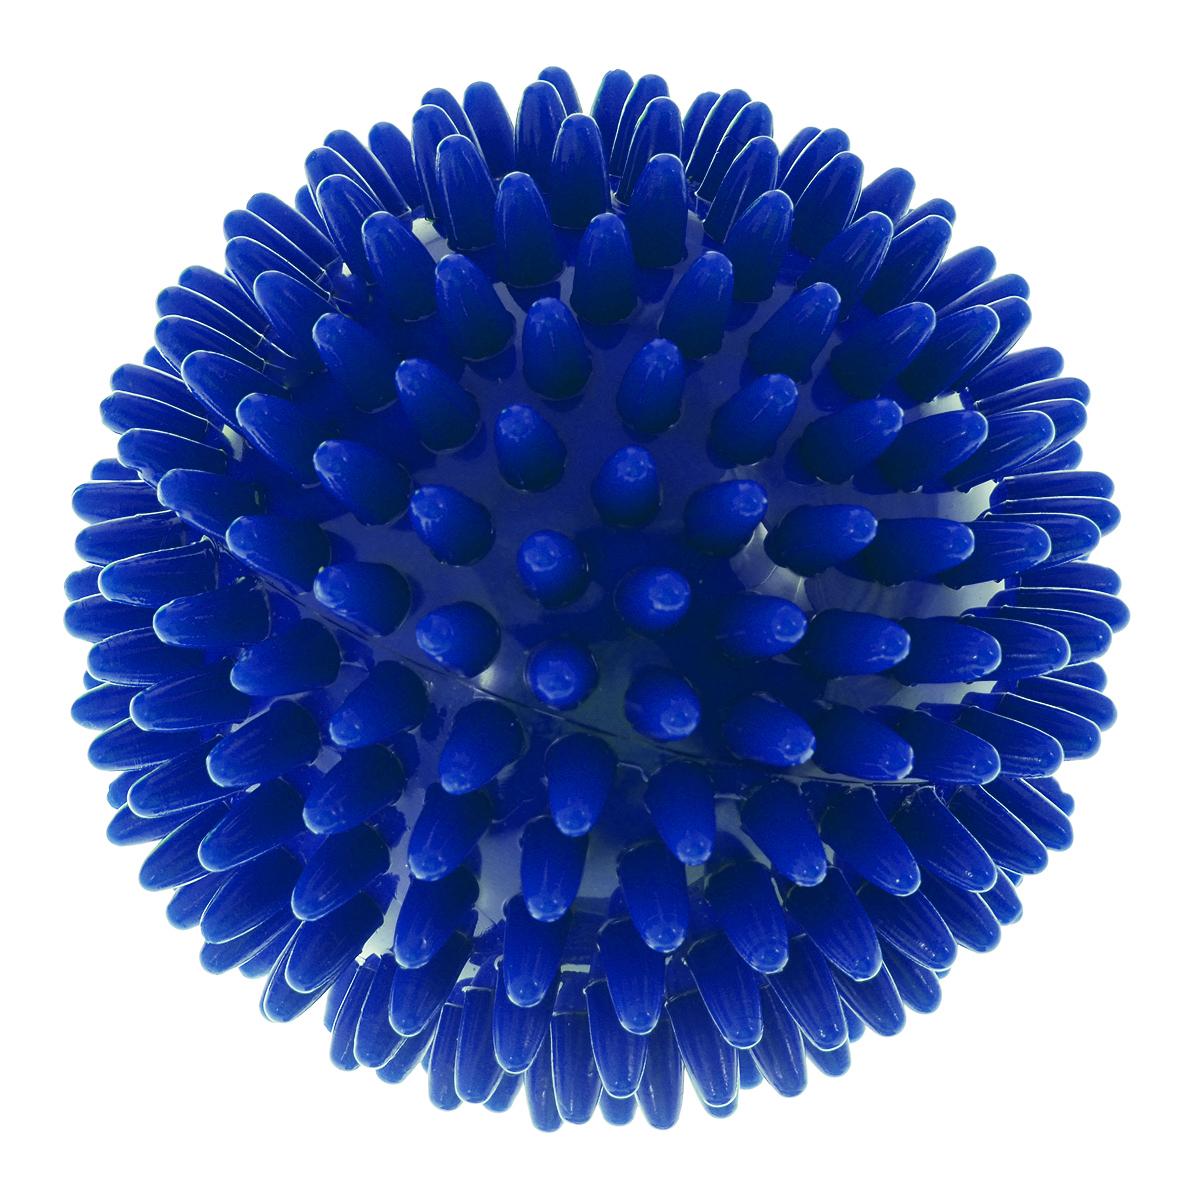 Игрушка для собак V.I.Pet Массажный мяч, цвет: синий, диаметр 6 см0120710Игрушка для собак V.I.Pet Массажный мяч, изготовленная из ПВХ, предназначена для массажа и самомассажа рефлексогенных зон. Она имеет мягкие закругленные массажные шипы, эффективно массирующие и не травмирующие кожу. Игрушка не позволит скучать вашему питомцу ни дома, ни на улице.Диаметр: 6 см.